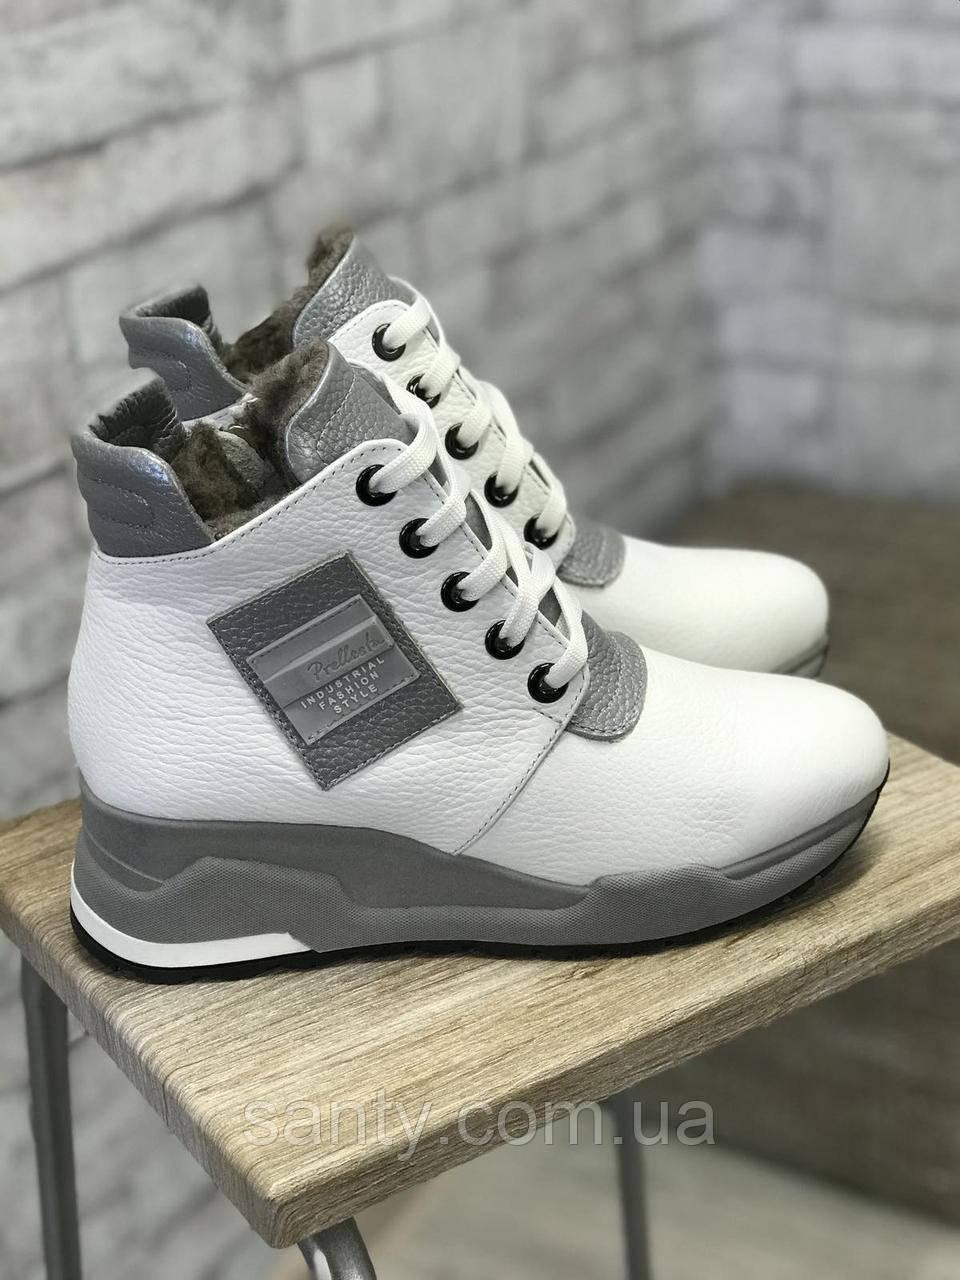 Женские зимние ботинки Белые 39. Жіночі зимові черевички.